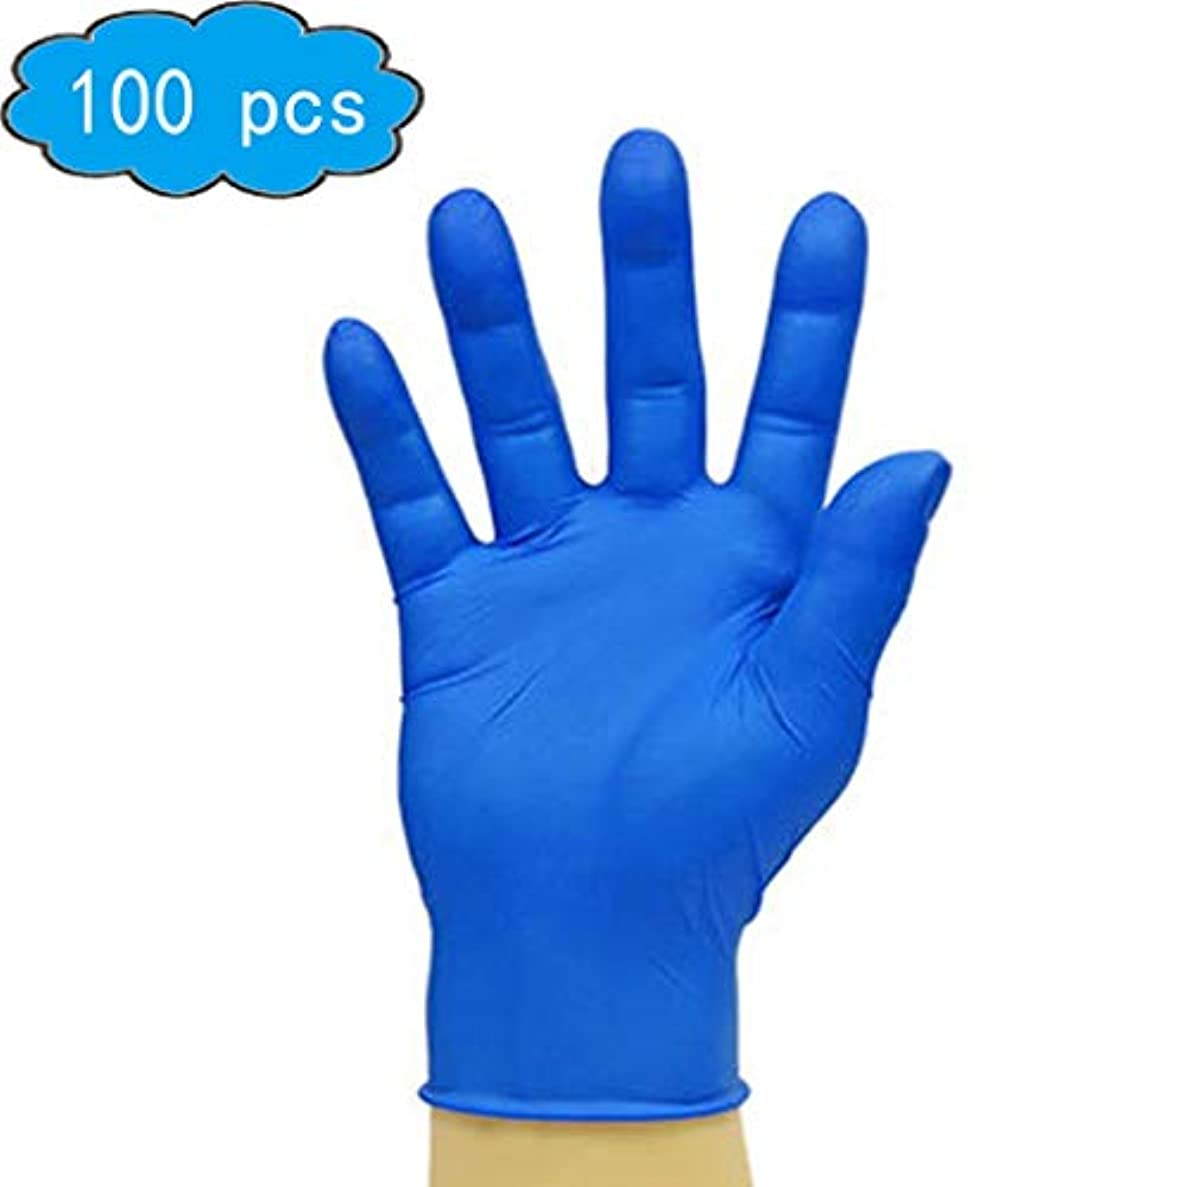 使い捨てニトリル手袋、肥厚、ダークブルー、5ミル、ブルー、サイズL、パックあたり100 (Color : Blue, Size : M)